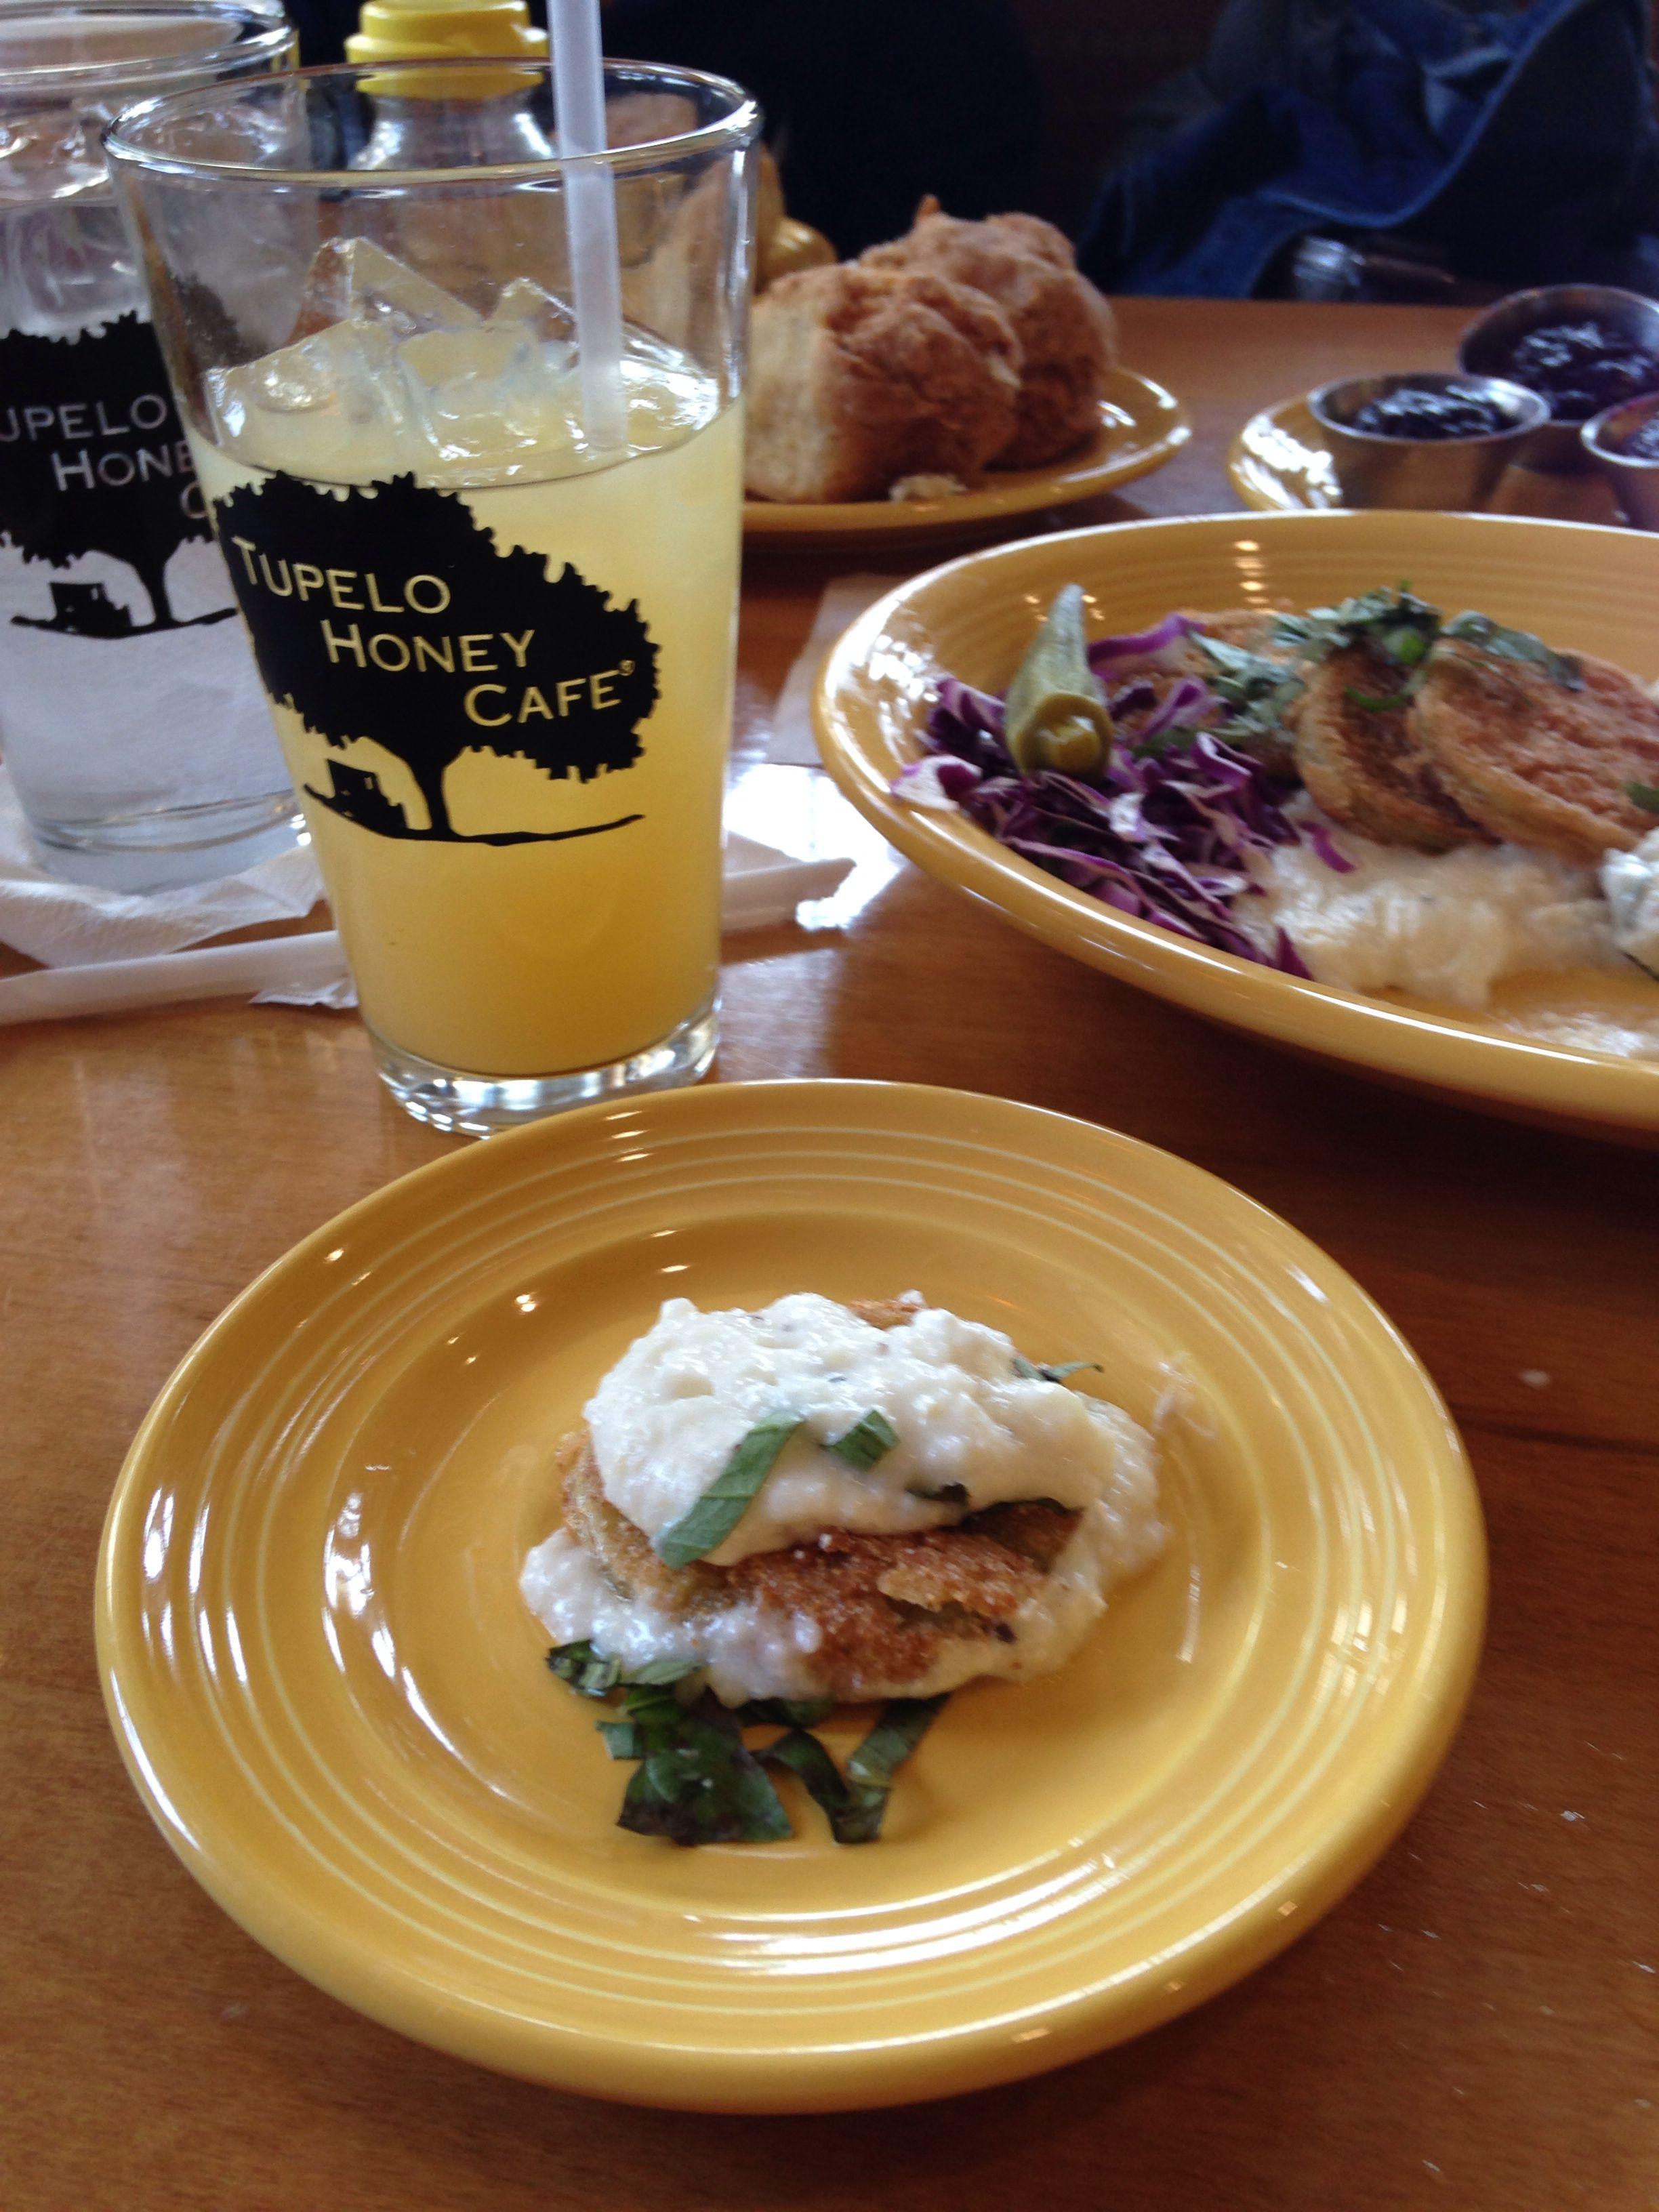 Tupelo Honey Cafe in Greenville, SC. Food heaven